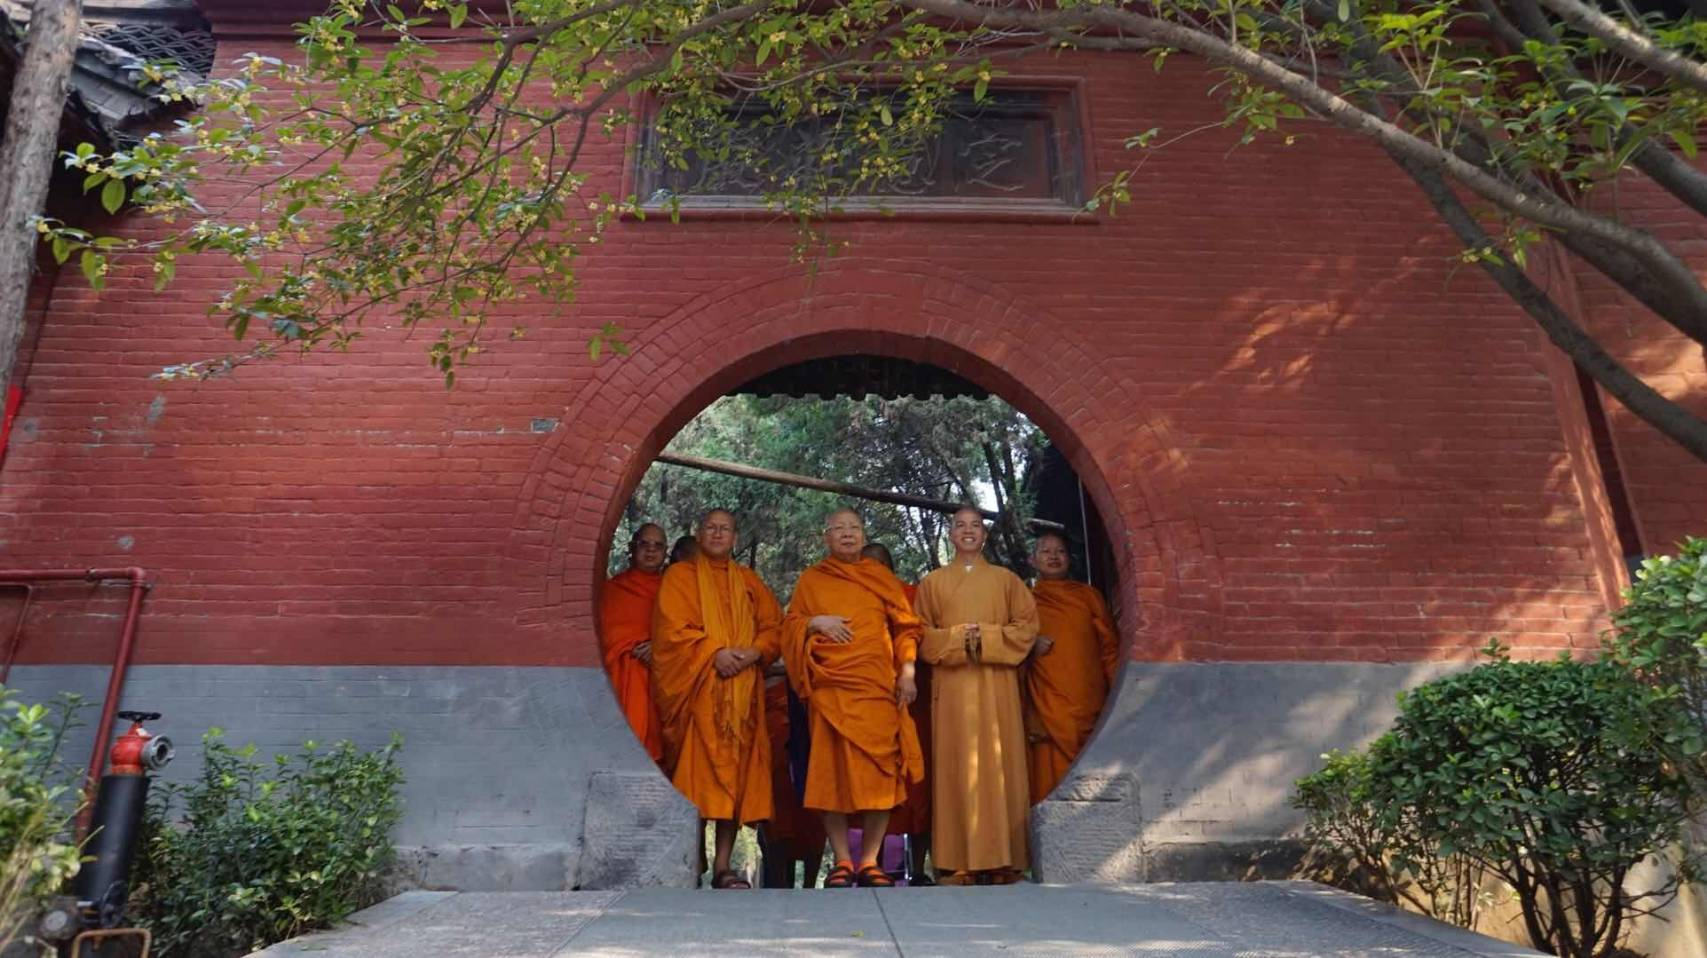 610924-27 พระพรหมวชิรญาณประธานพิธีสมโภชวัดเหมอัศวาราม จีน 14